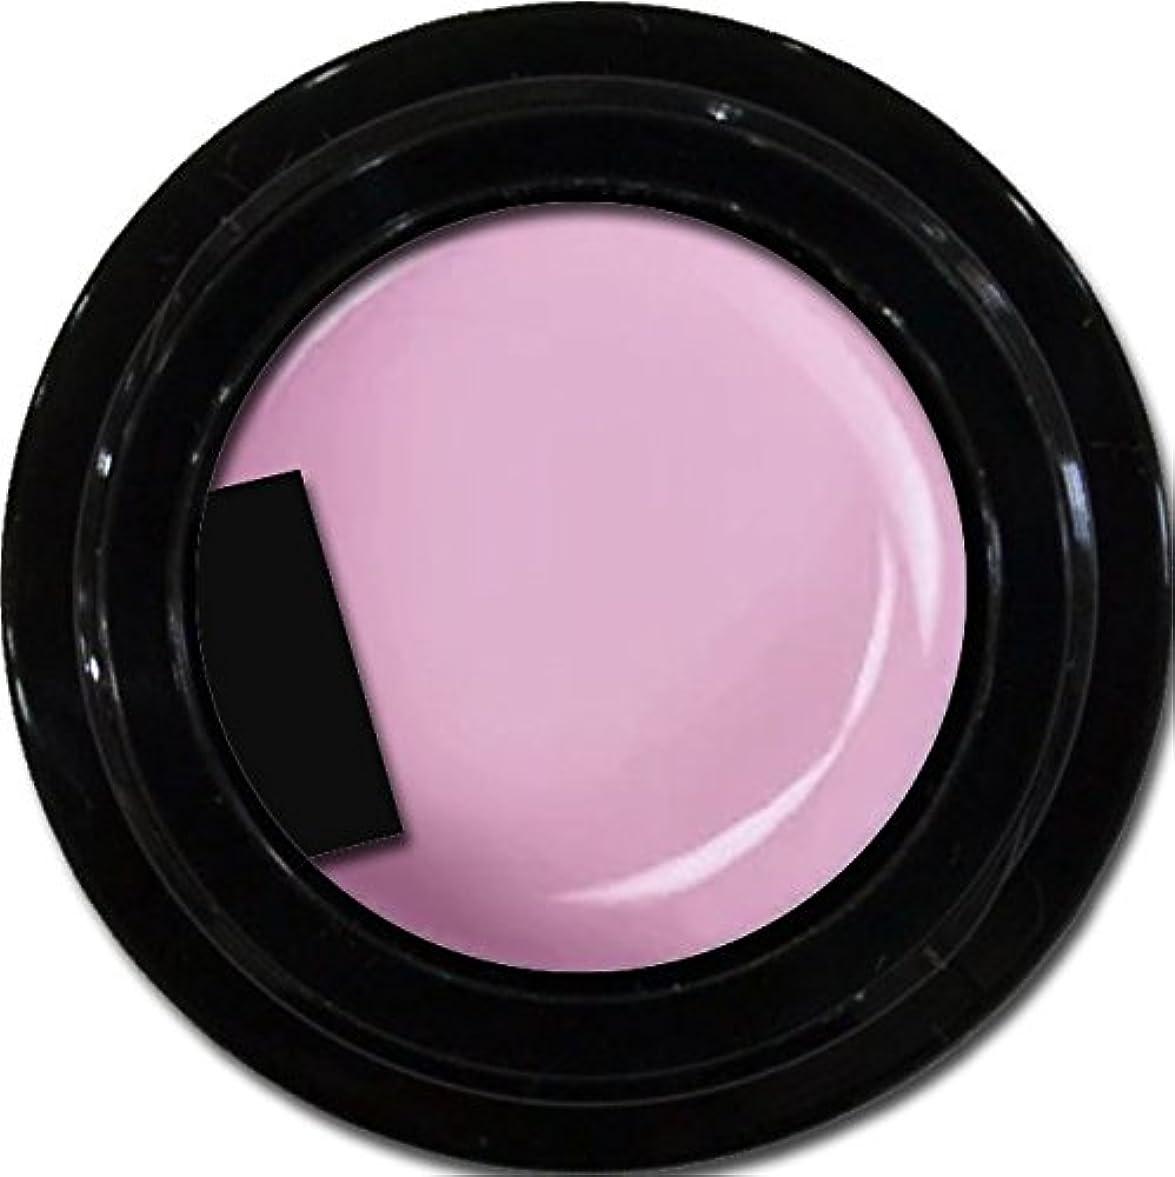 削る間隔外向きカラージェル enchant gel color gel S503 SheerLavender 3g/ エンチャントジェル カラージェル S503シアーラベンダー 3グラム